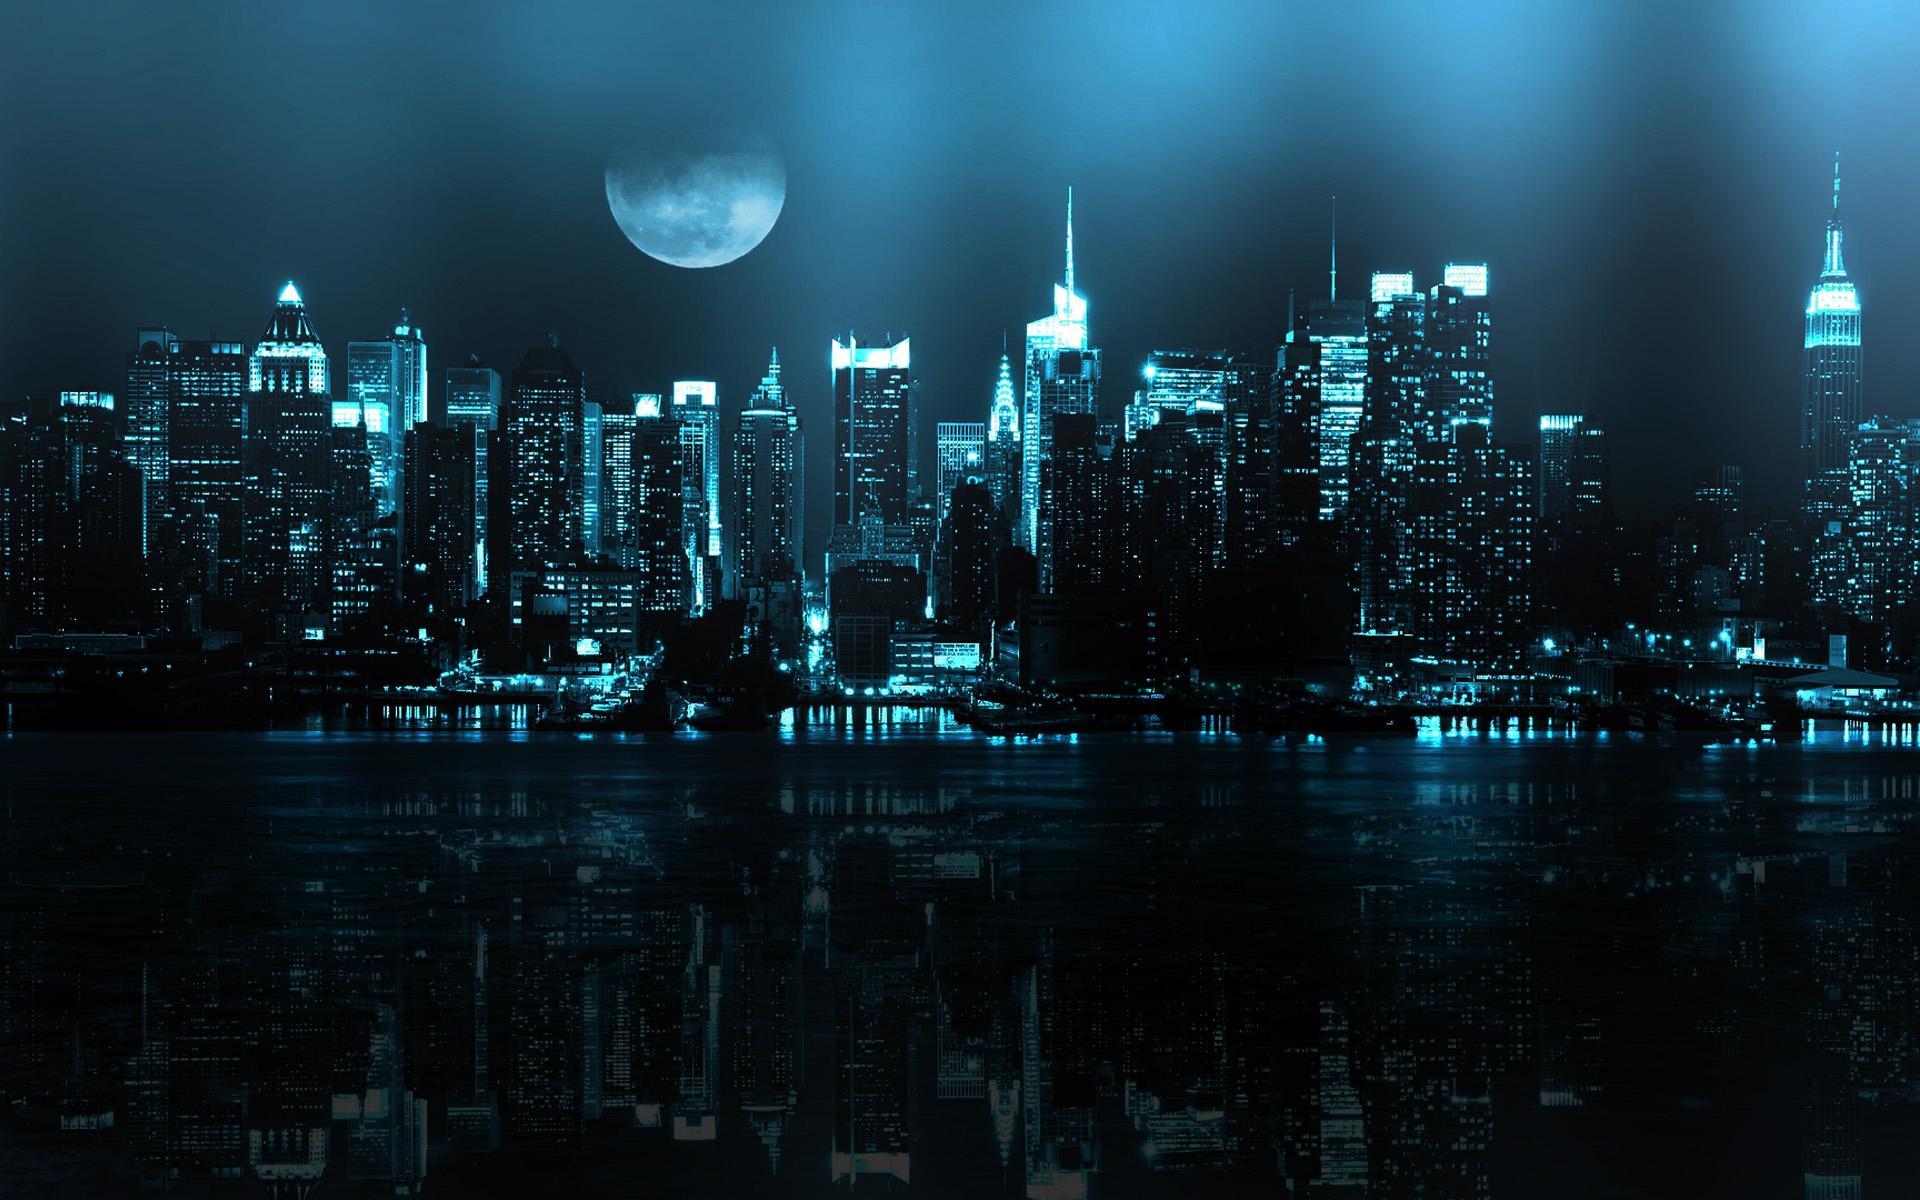 Ảnh mặt trăng trong thành phố đẹp